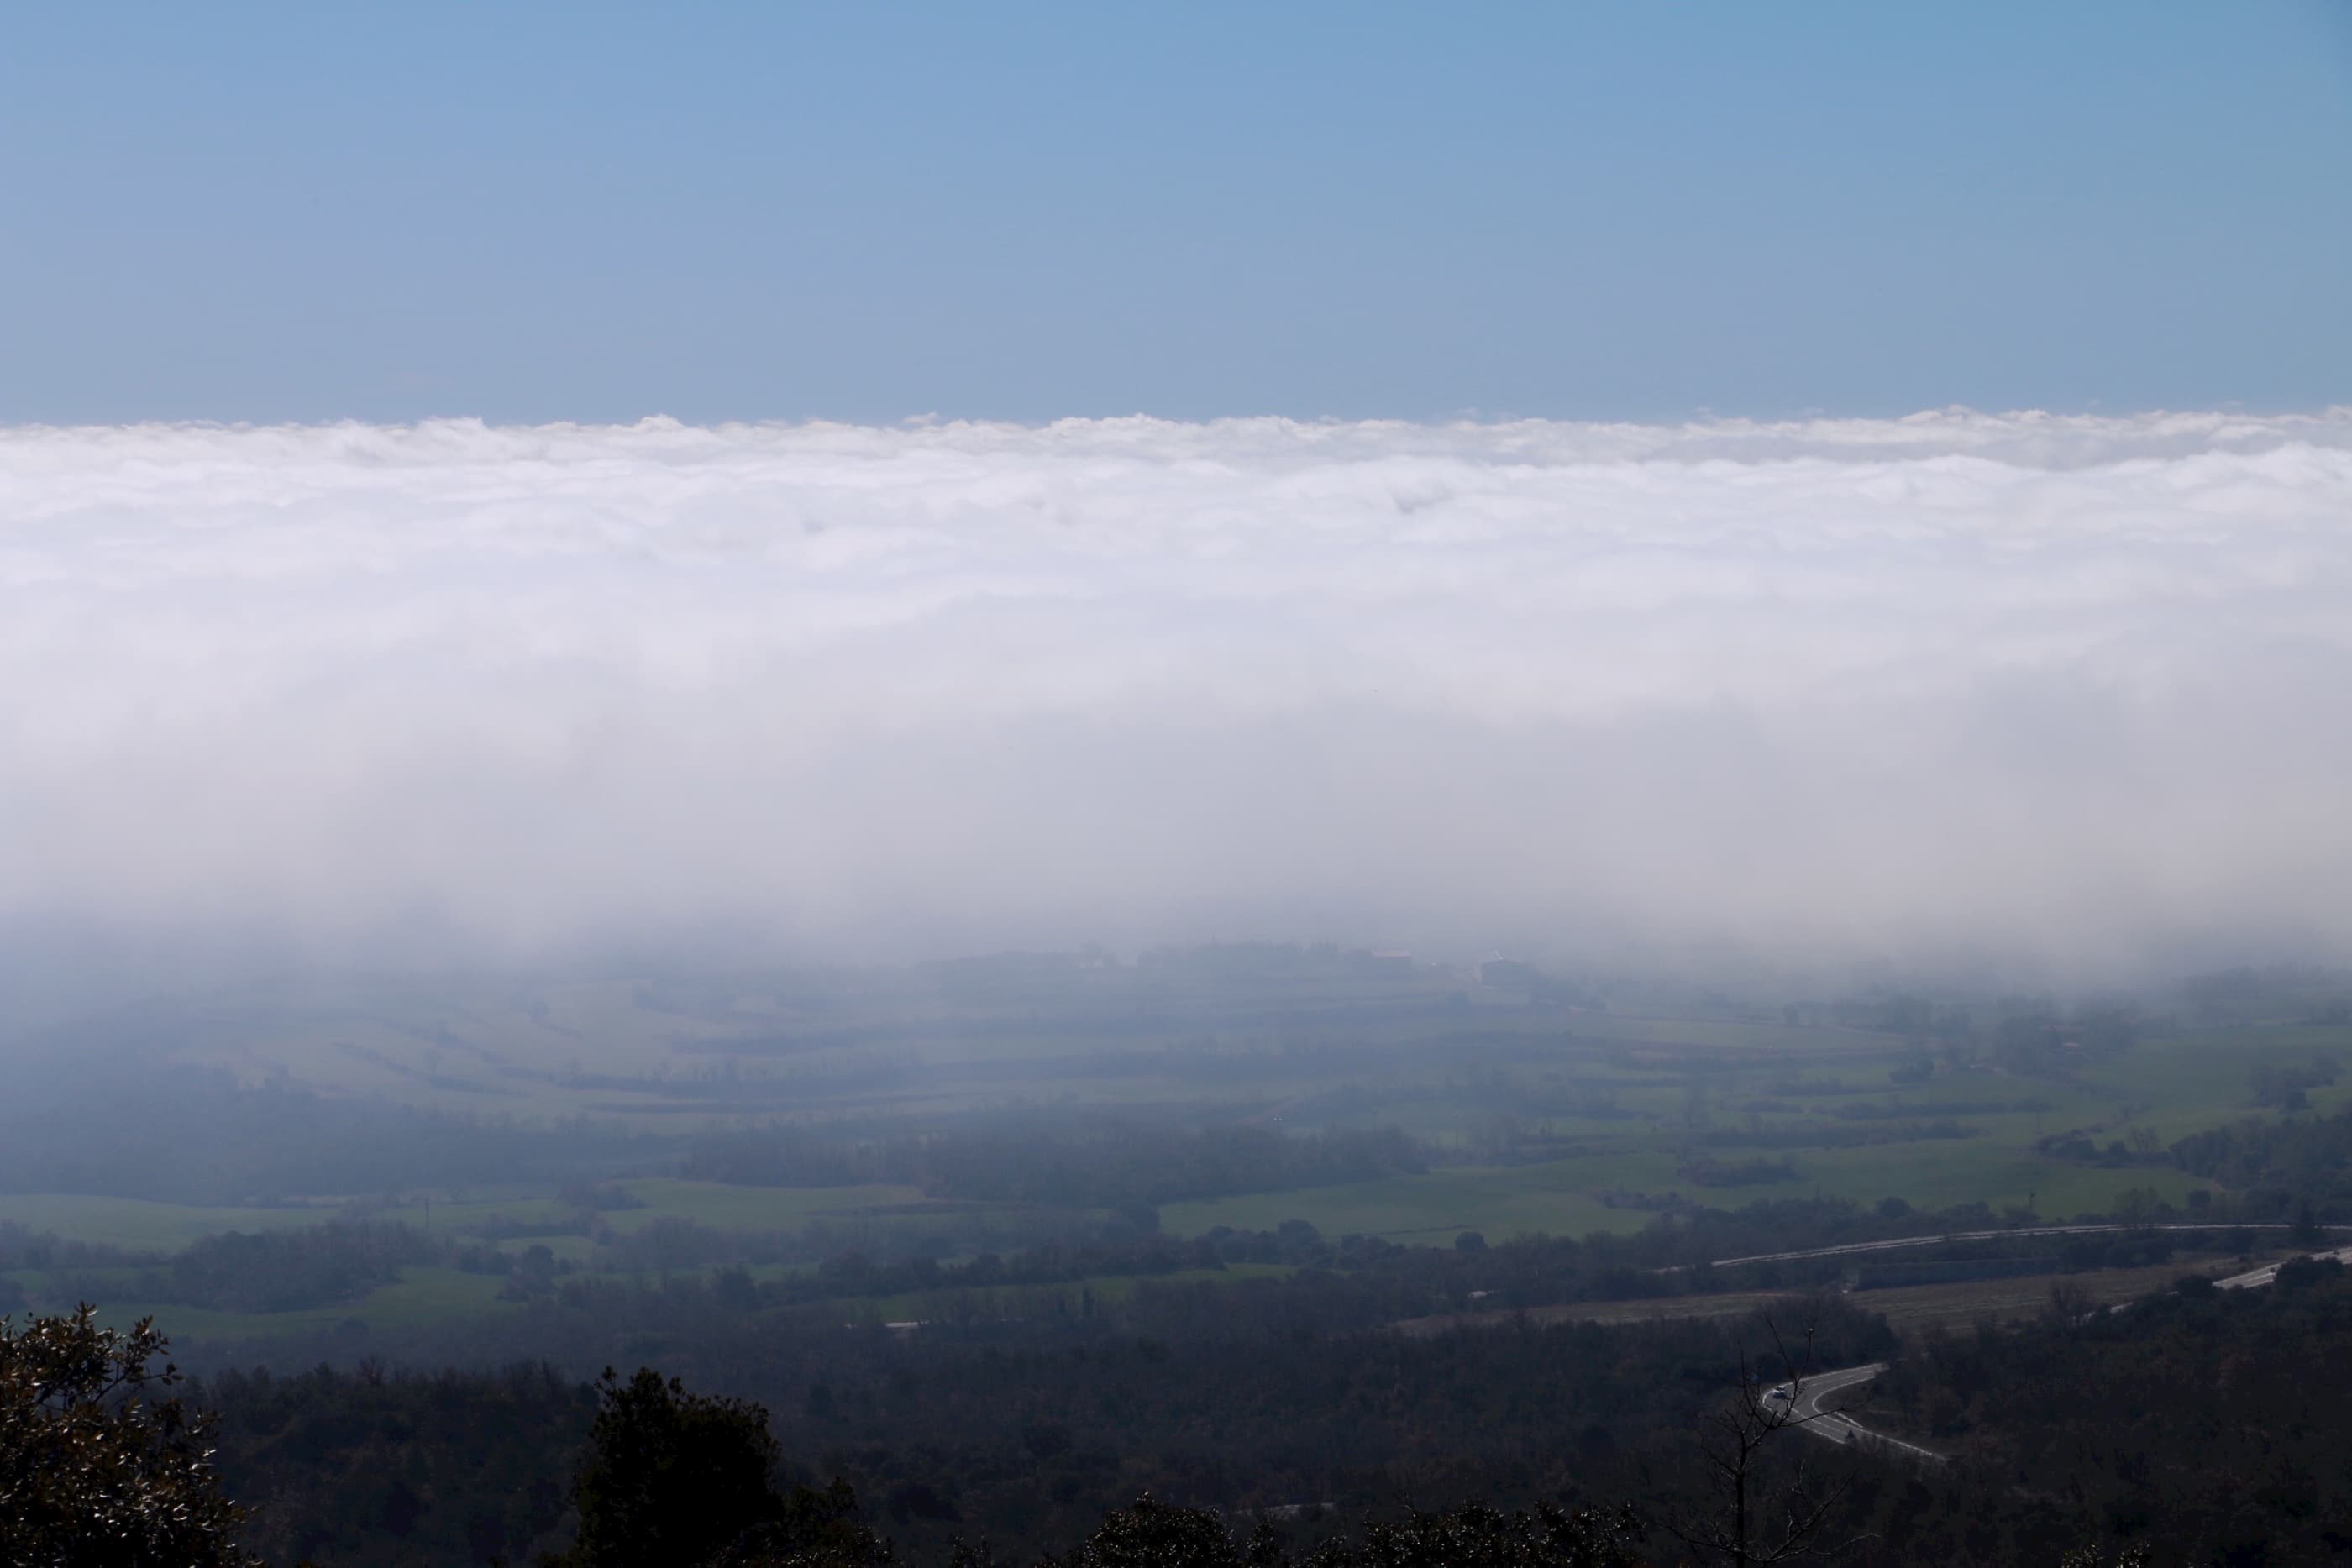 La boira, sobre la comarca de La Noguera, vista desde la serra del Montsec (coll de Comiols).